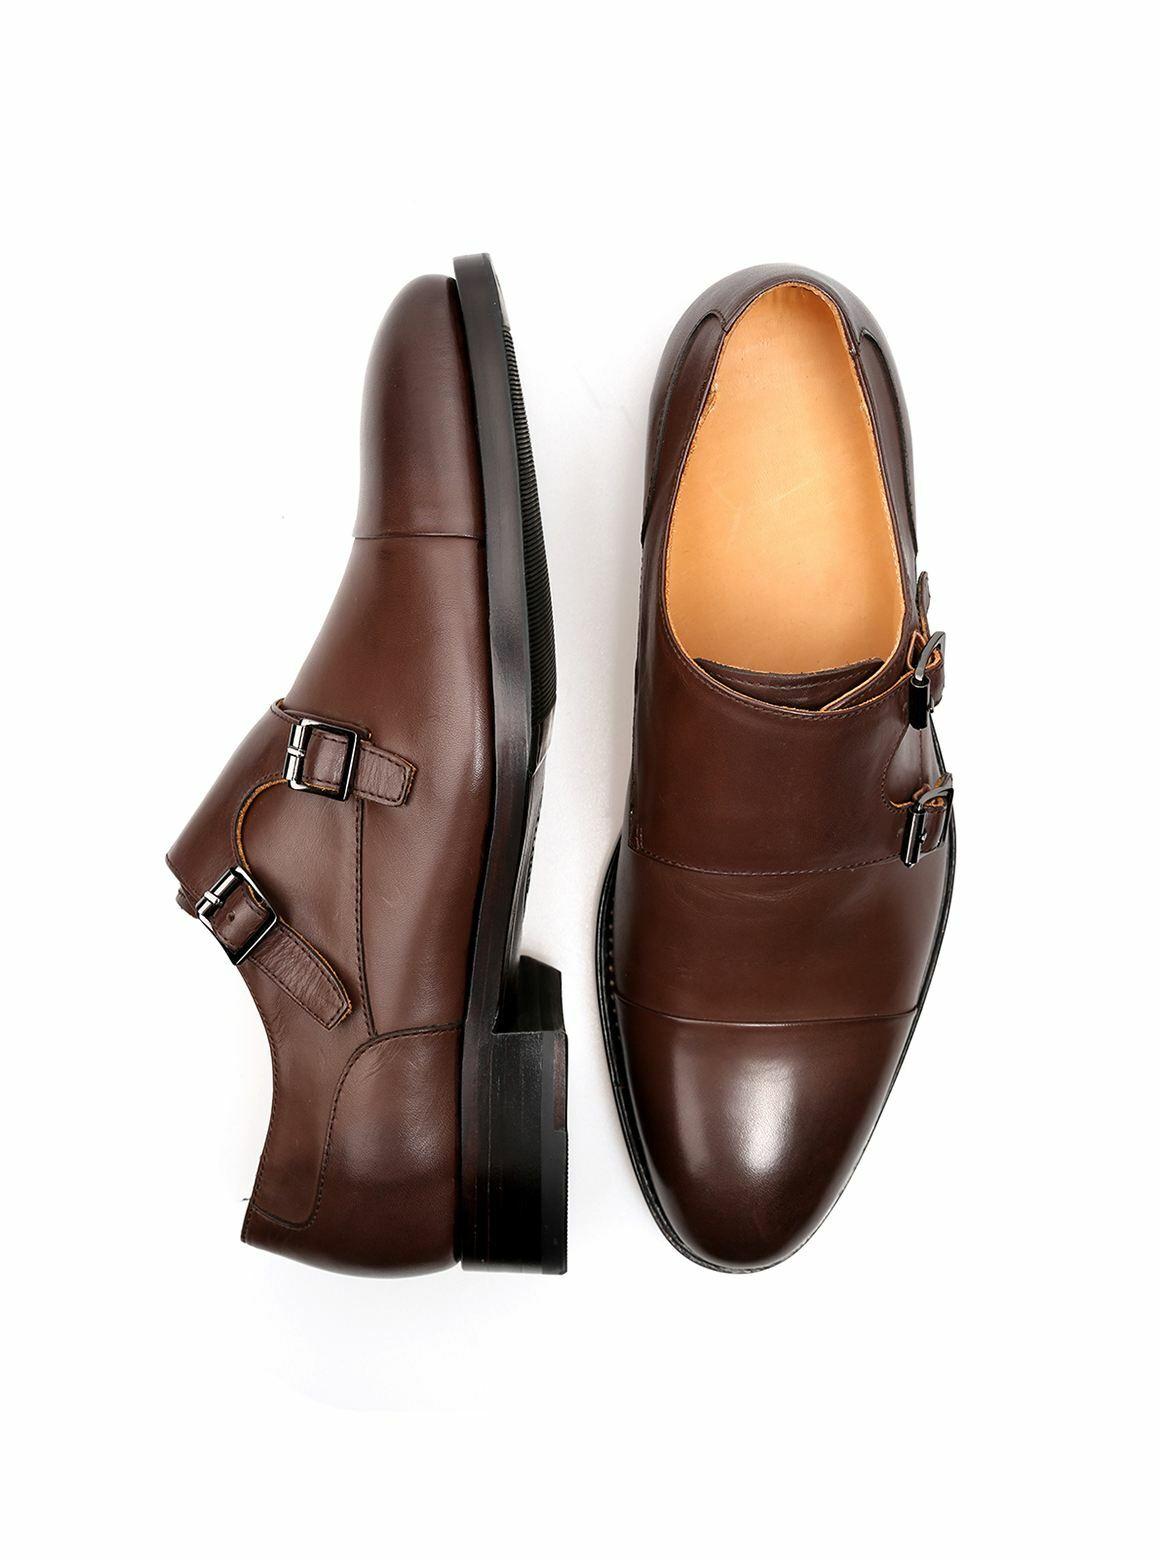 僧侣鞋4.jpg